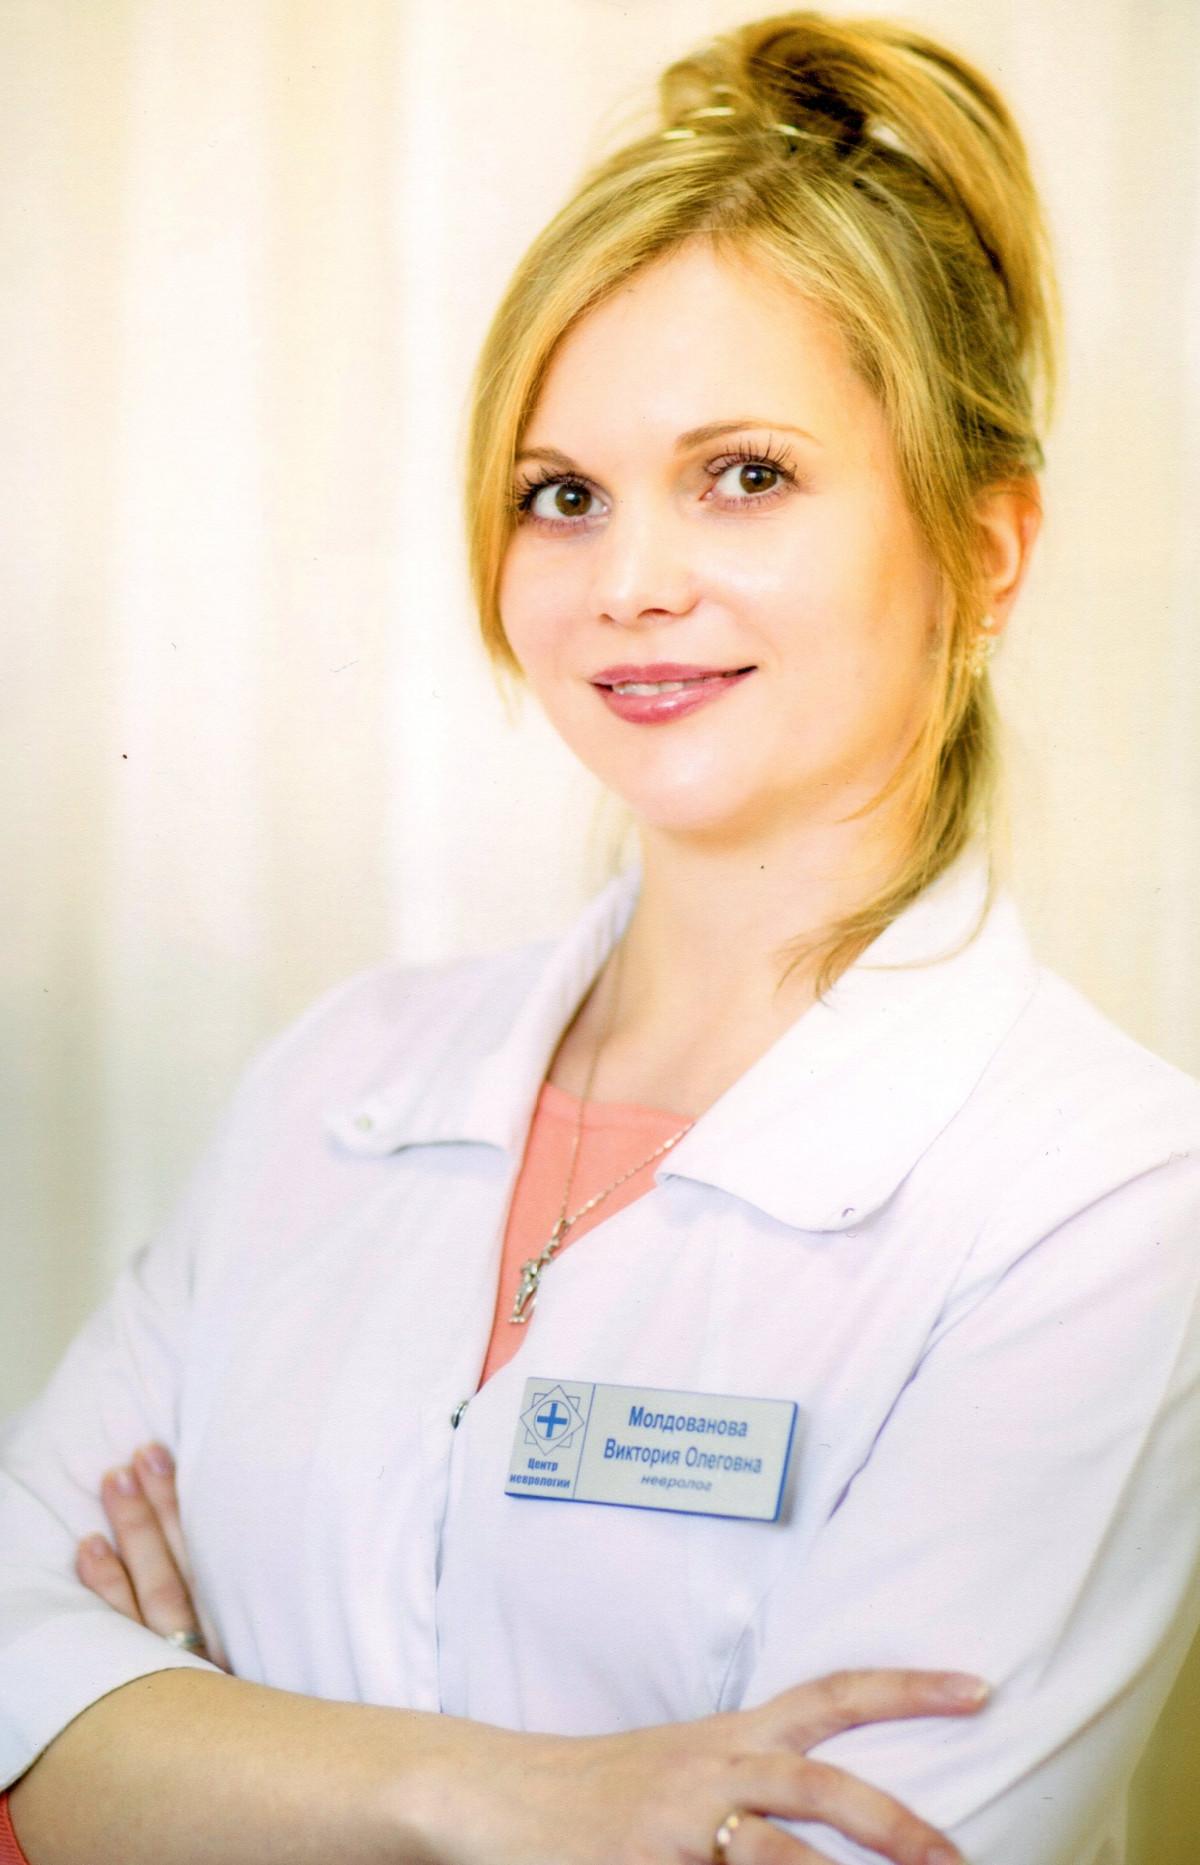 Молдованова Виктория Олеговна - невролог